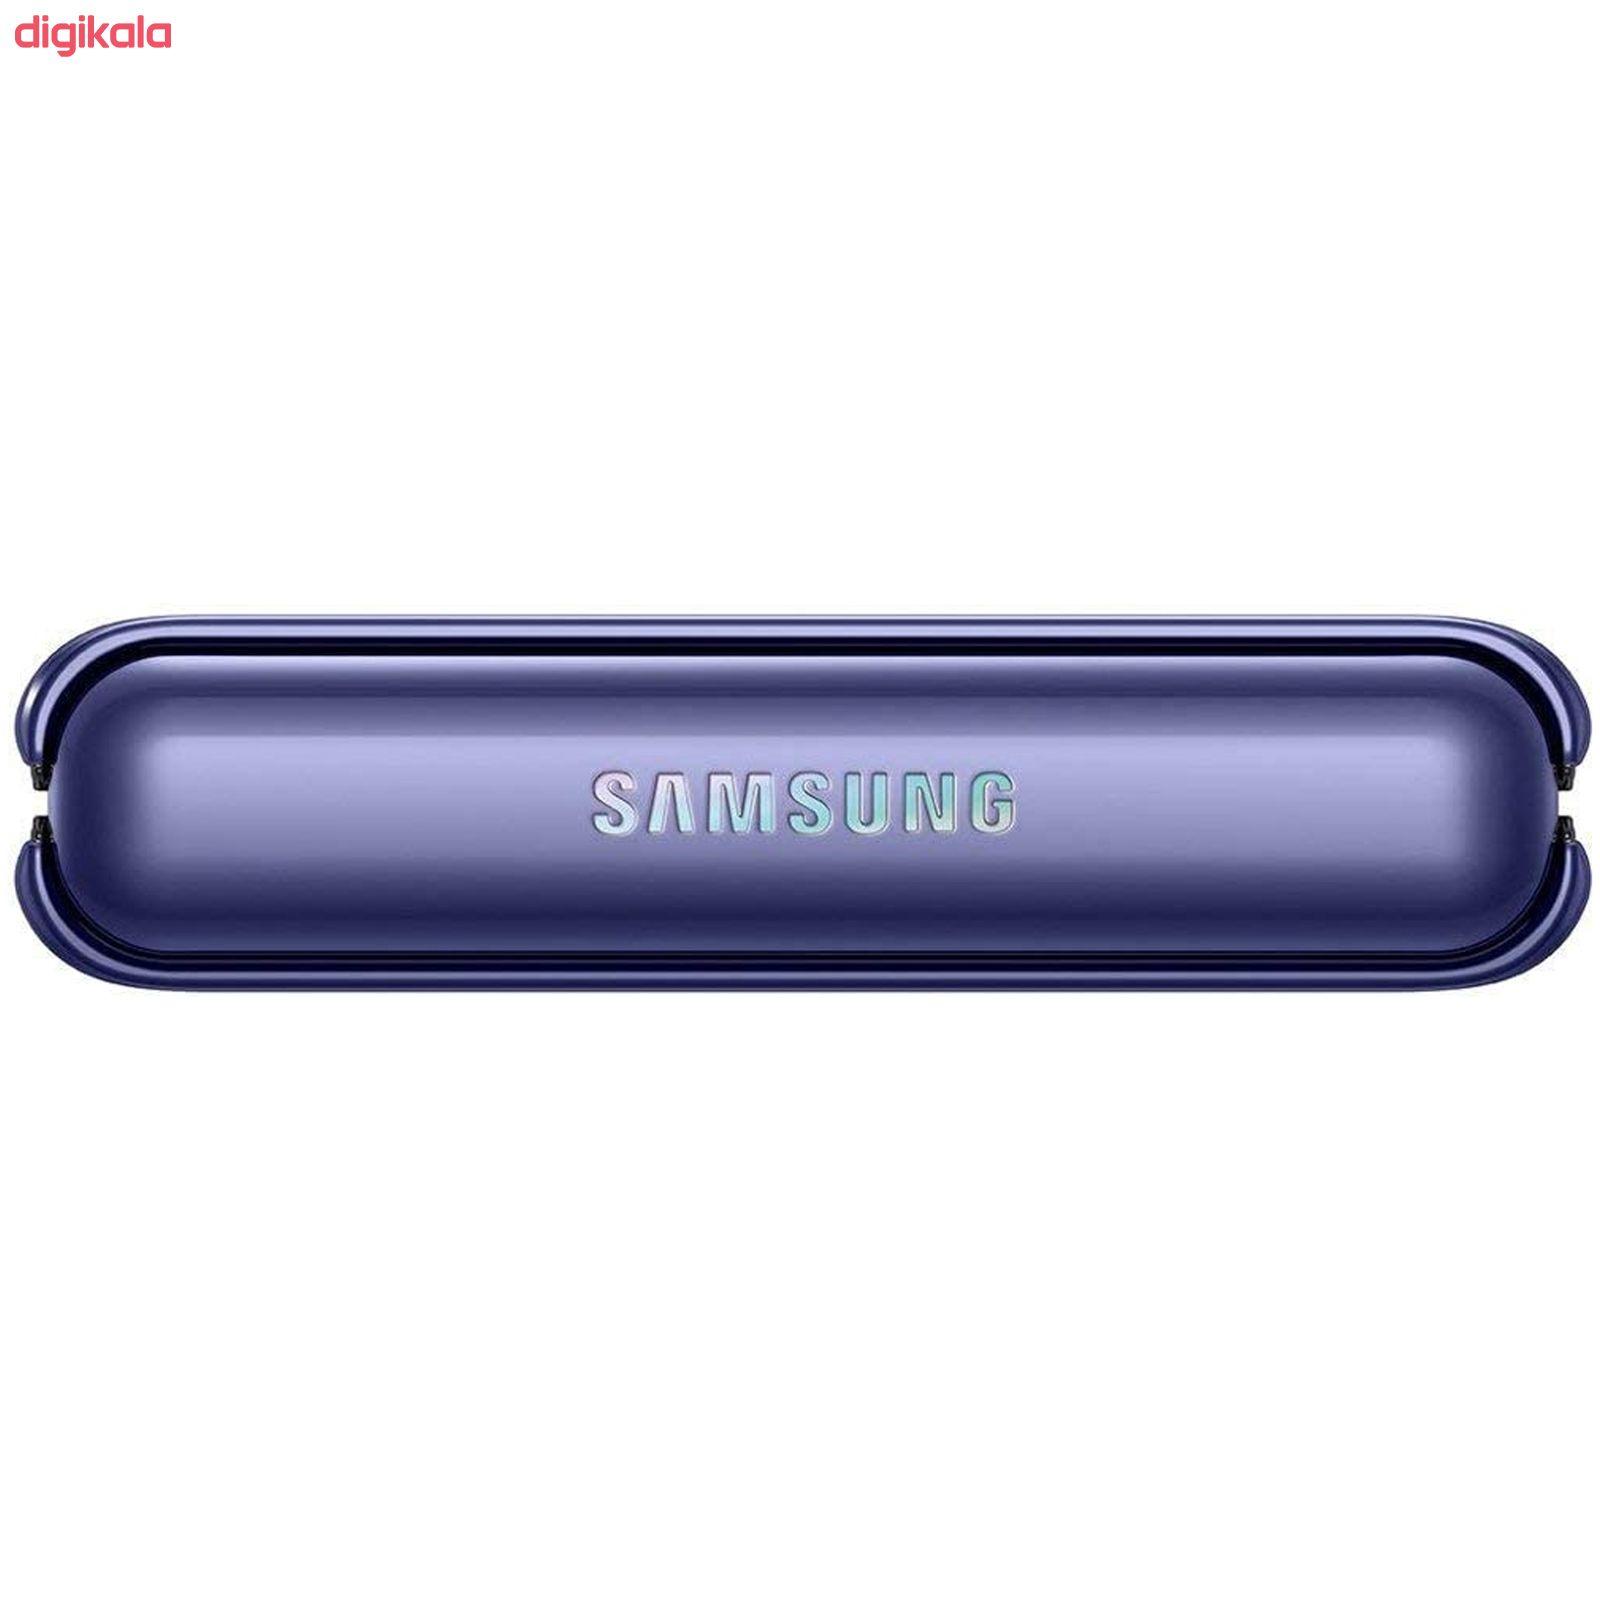 گوشی موبایل سامسونگ مدل Galaxy Z Flip SM-F700F/DS تک سیم کارت ظرفیت 256 گیگابایت main 1 5